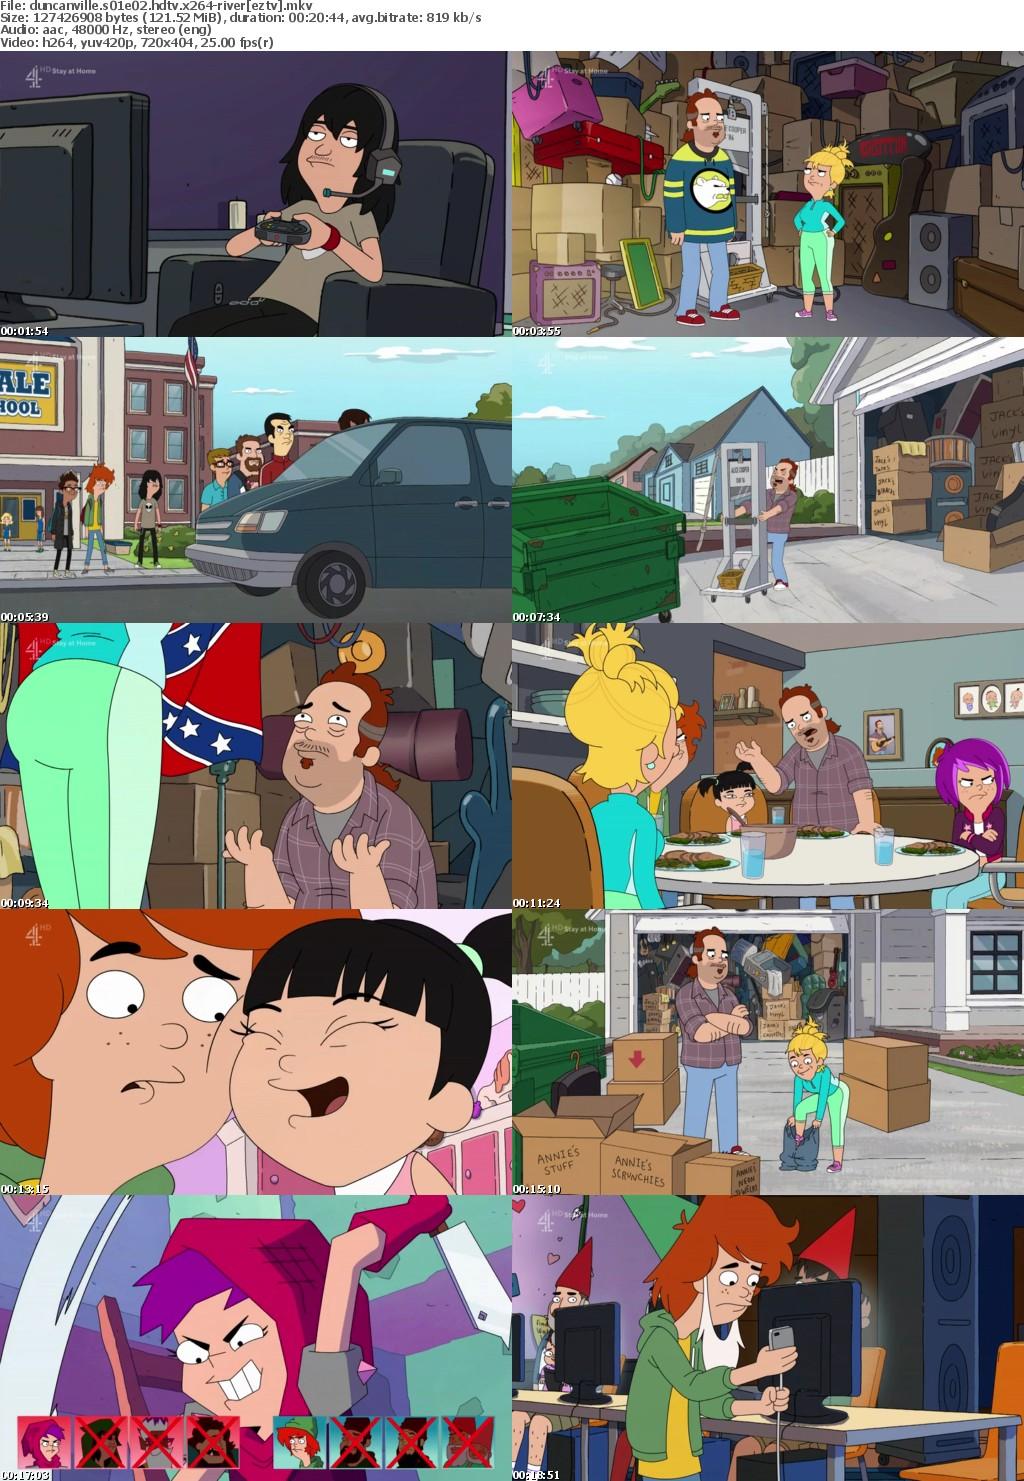 Duncanville S01E02 HDTV x264-RiVER